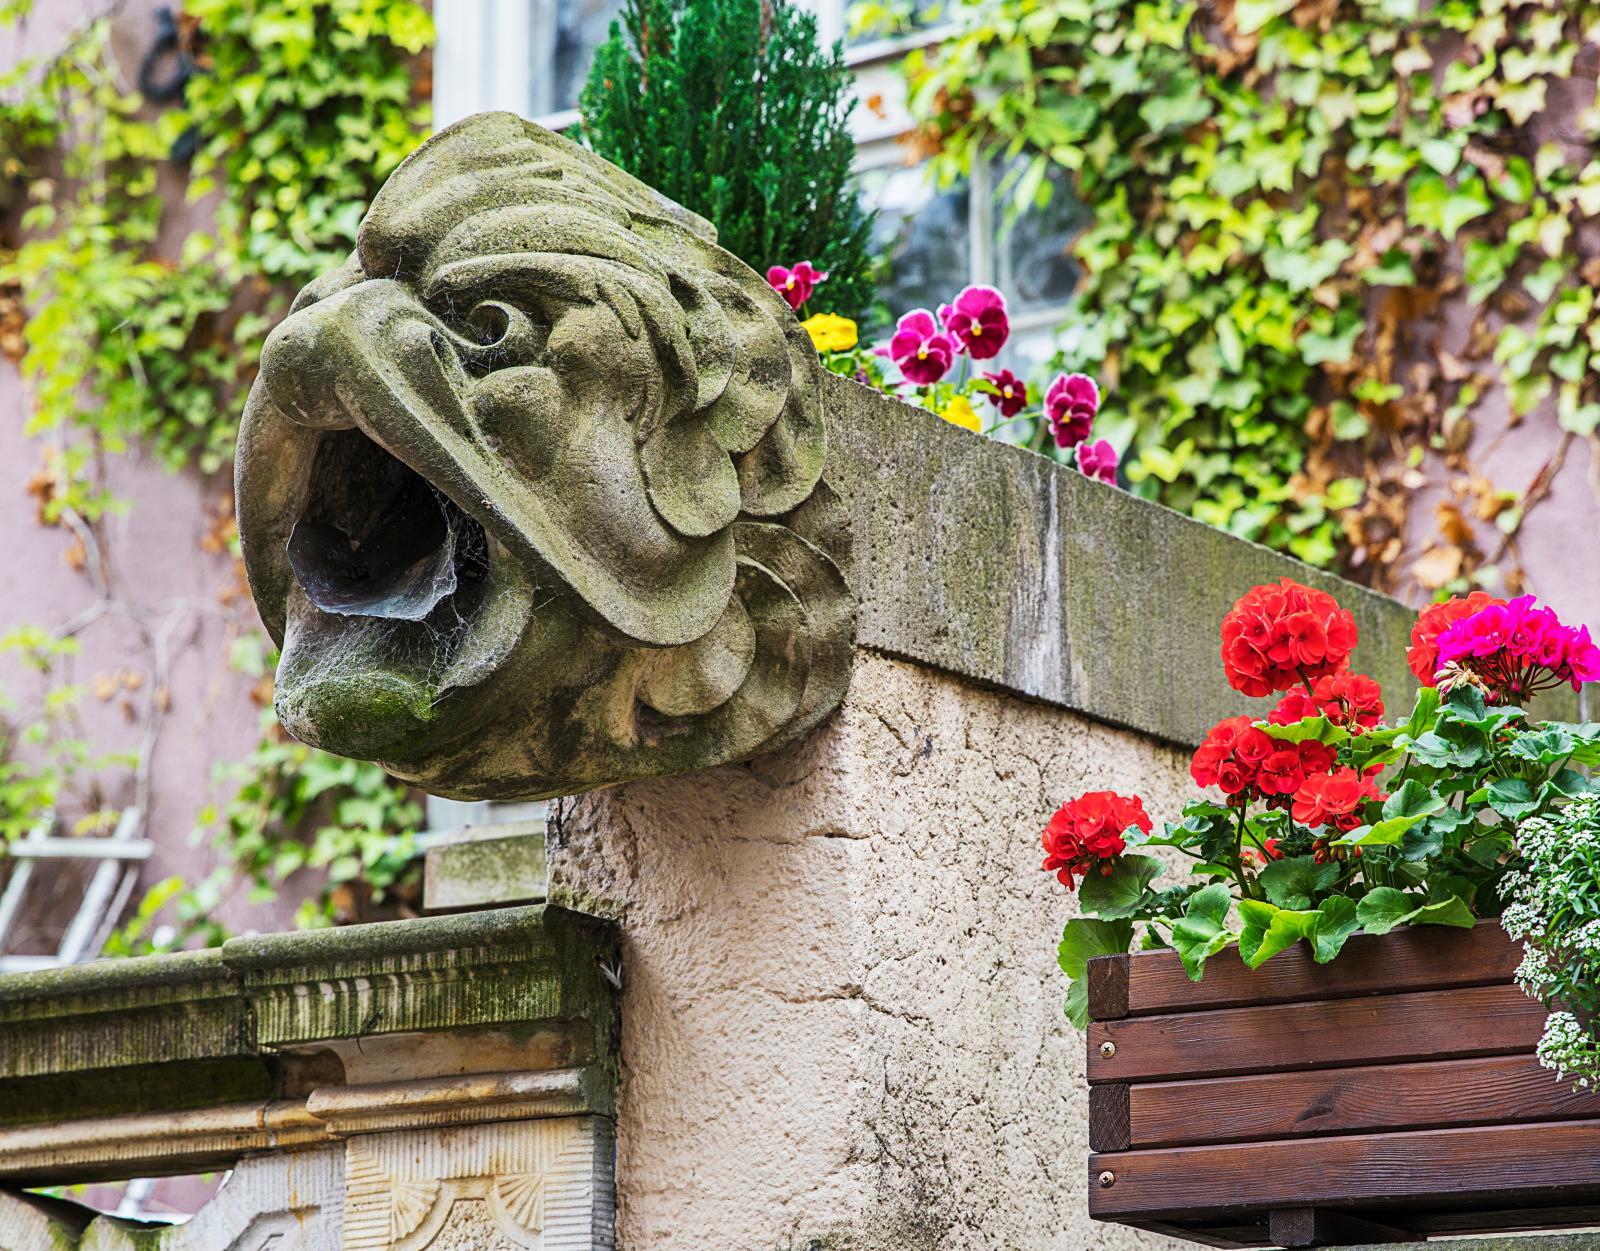 Så kallade gargoyles (vattenkastare) finns det gott om på Ulica Mariacka i Gdańsk.